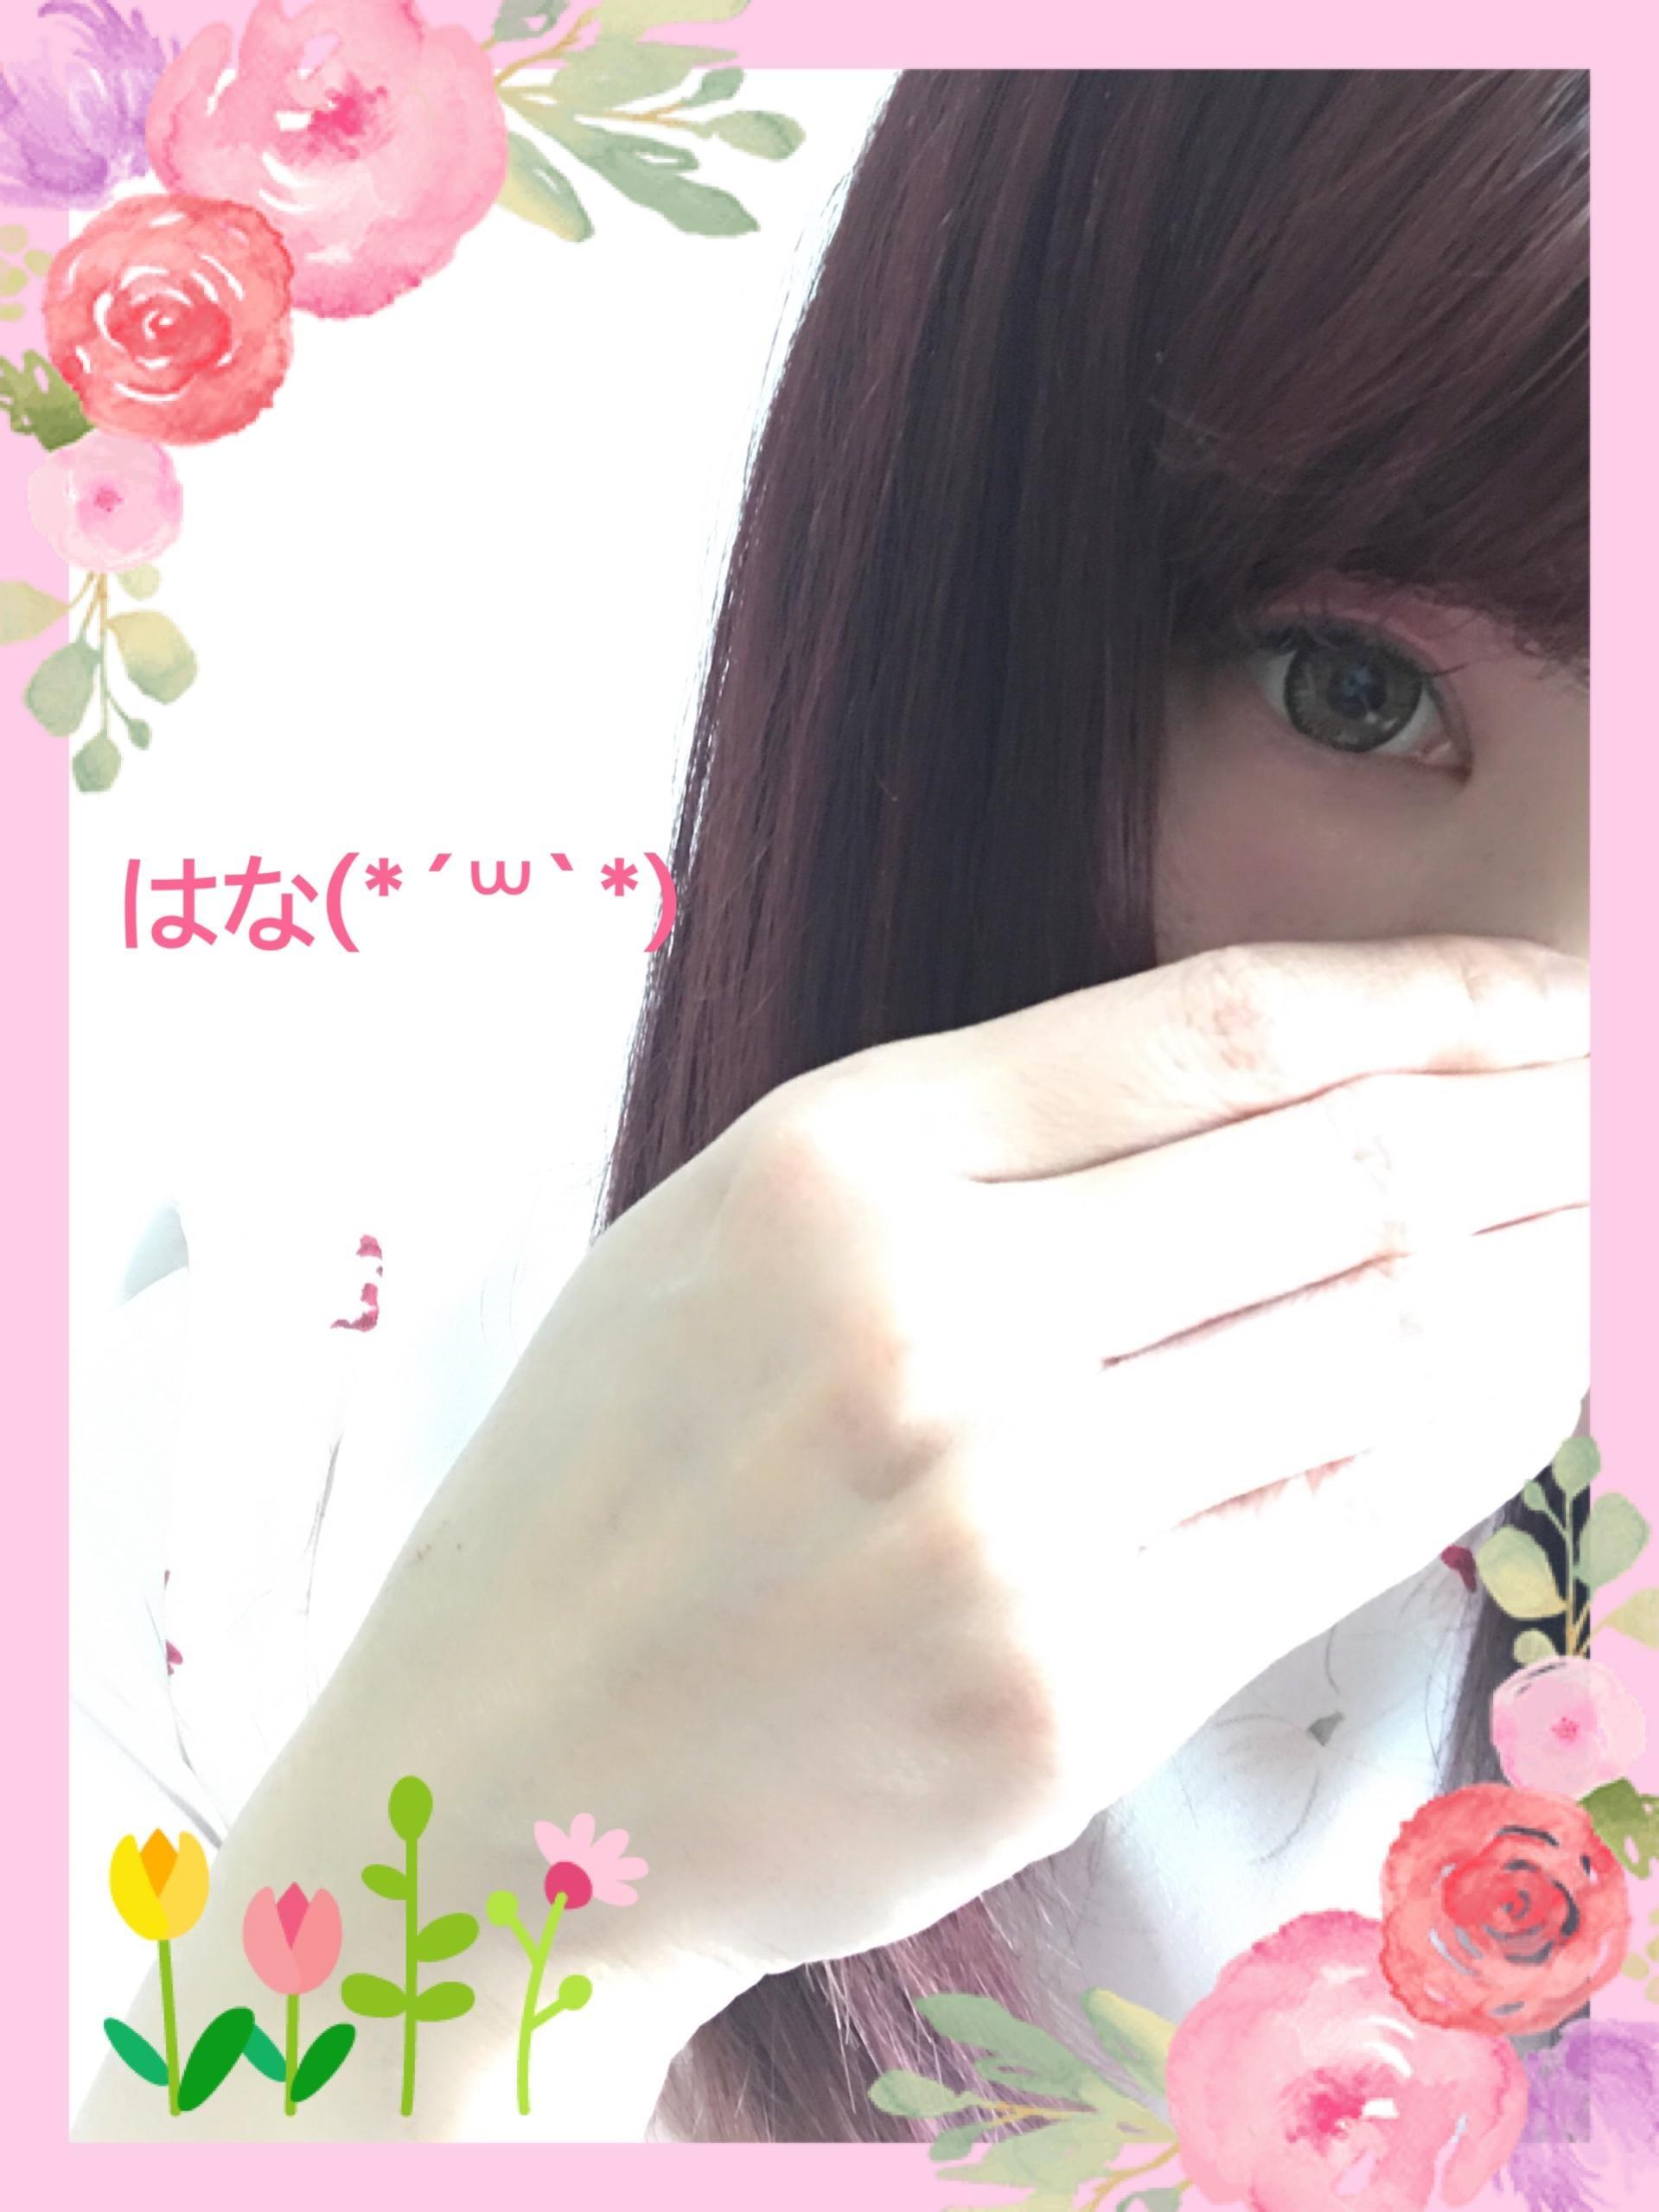 「こんにちは」05/26(05/26) 18:17 | はなの写メ・風俗動画